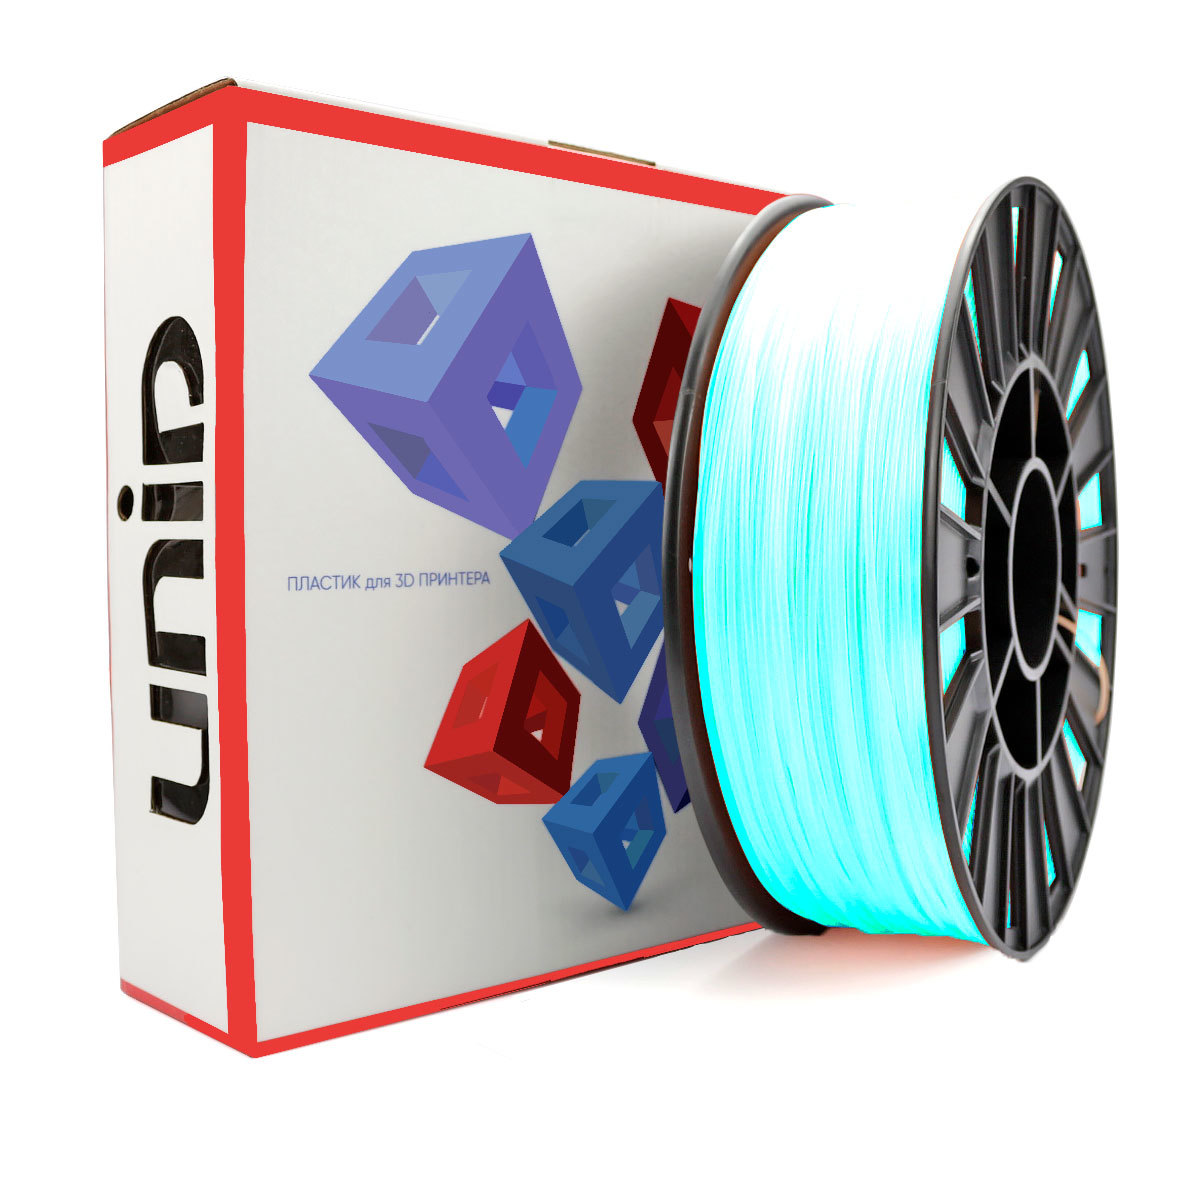 Пластик ABS в катушках светится голубым